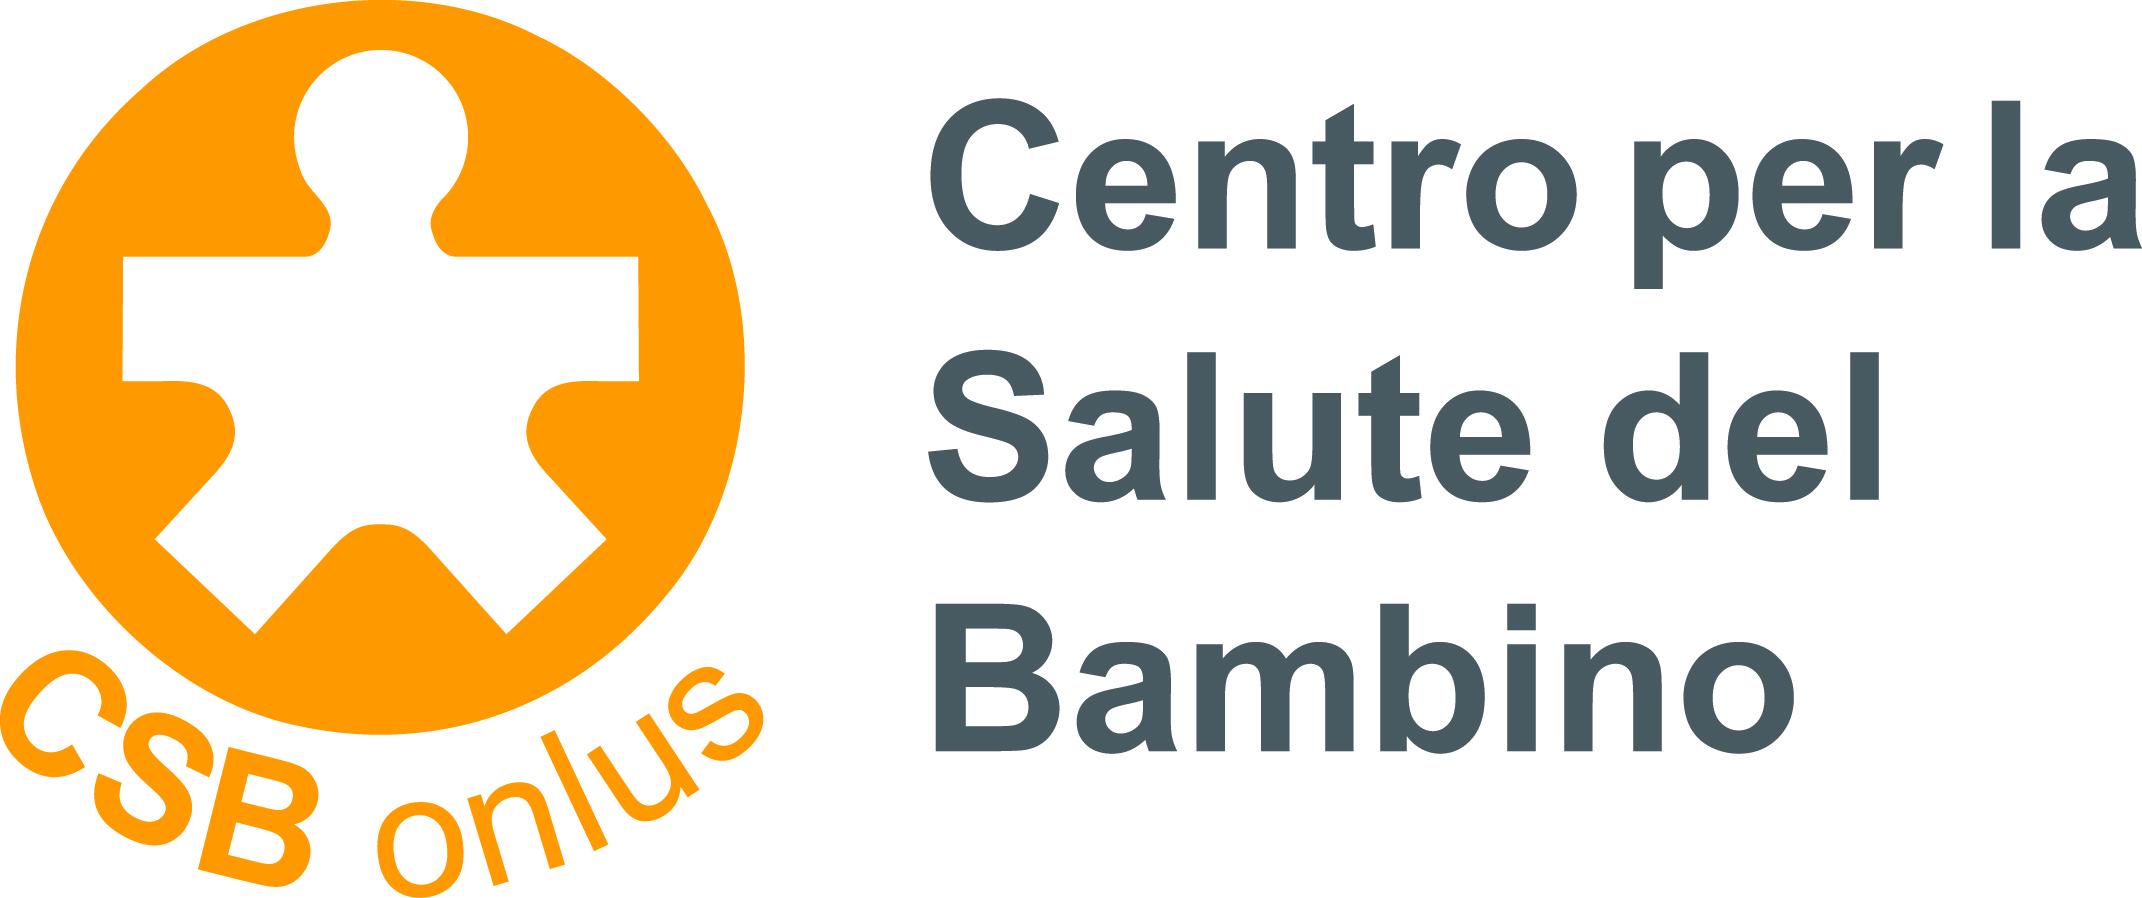 Centro per la salute del bambino Onlus